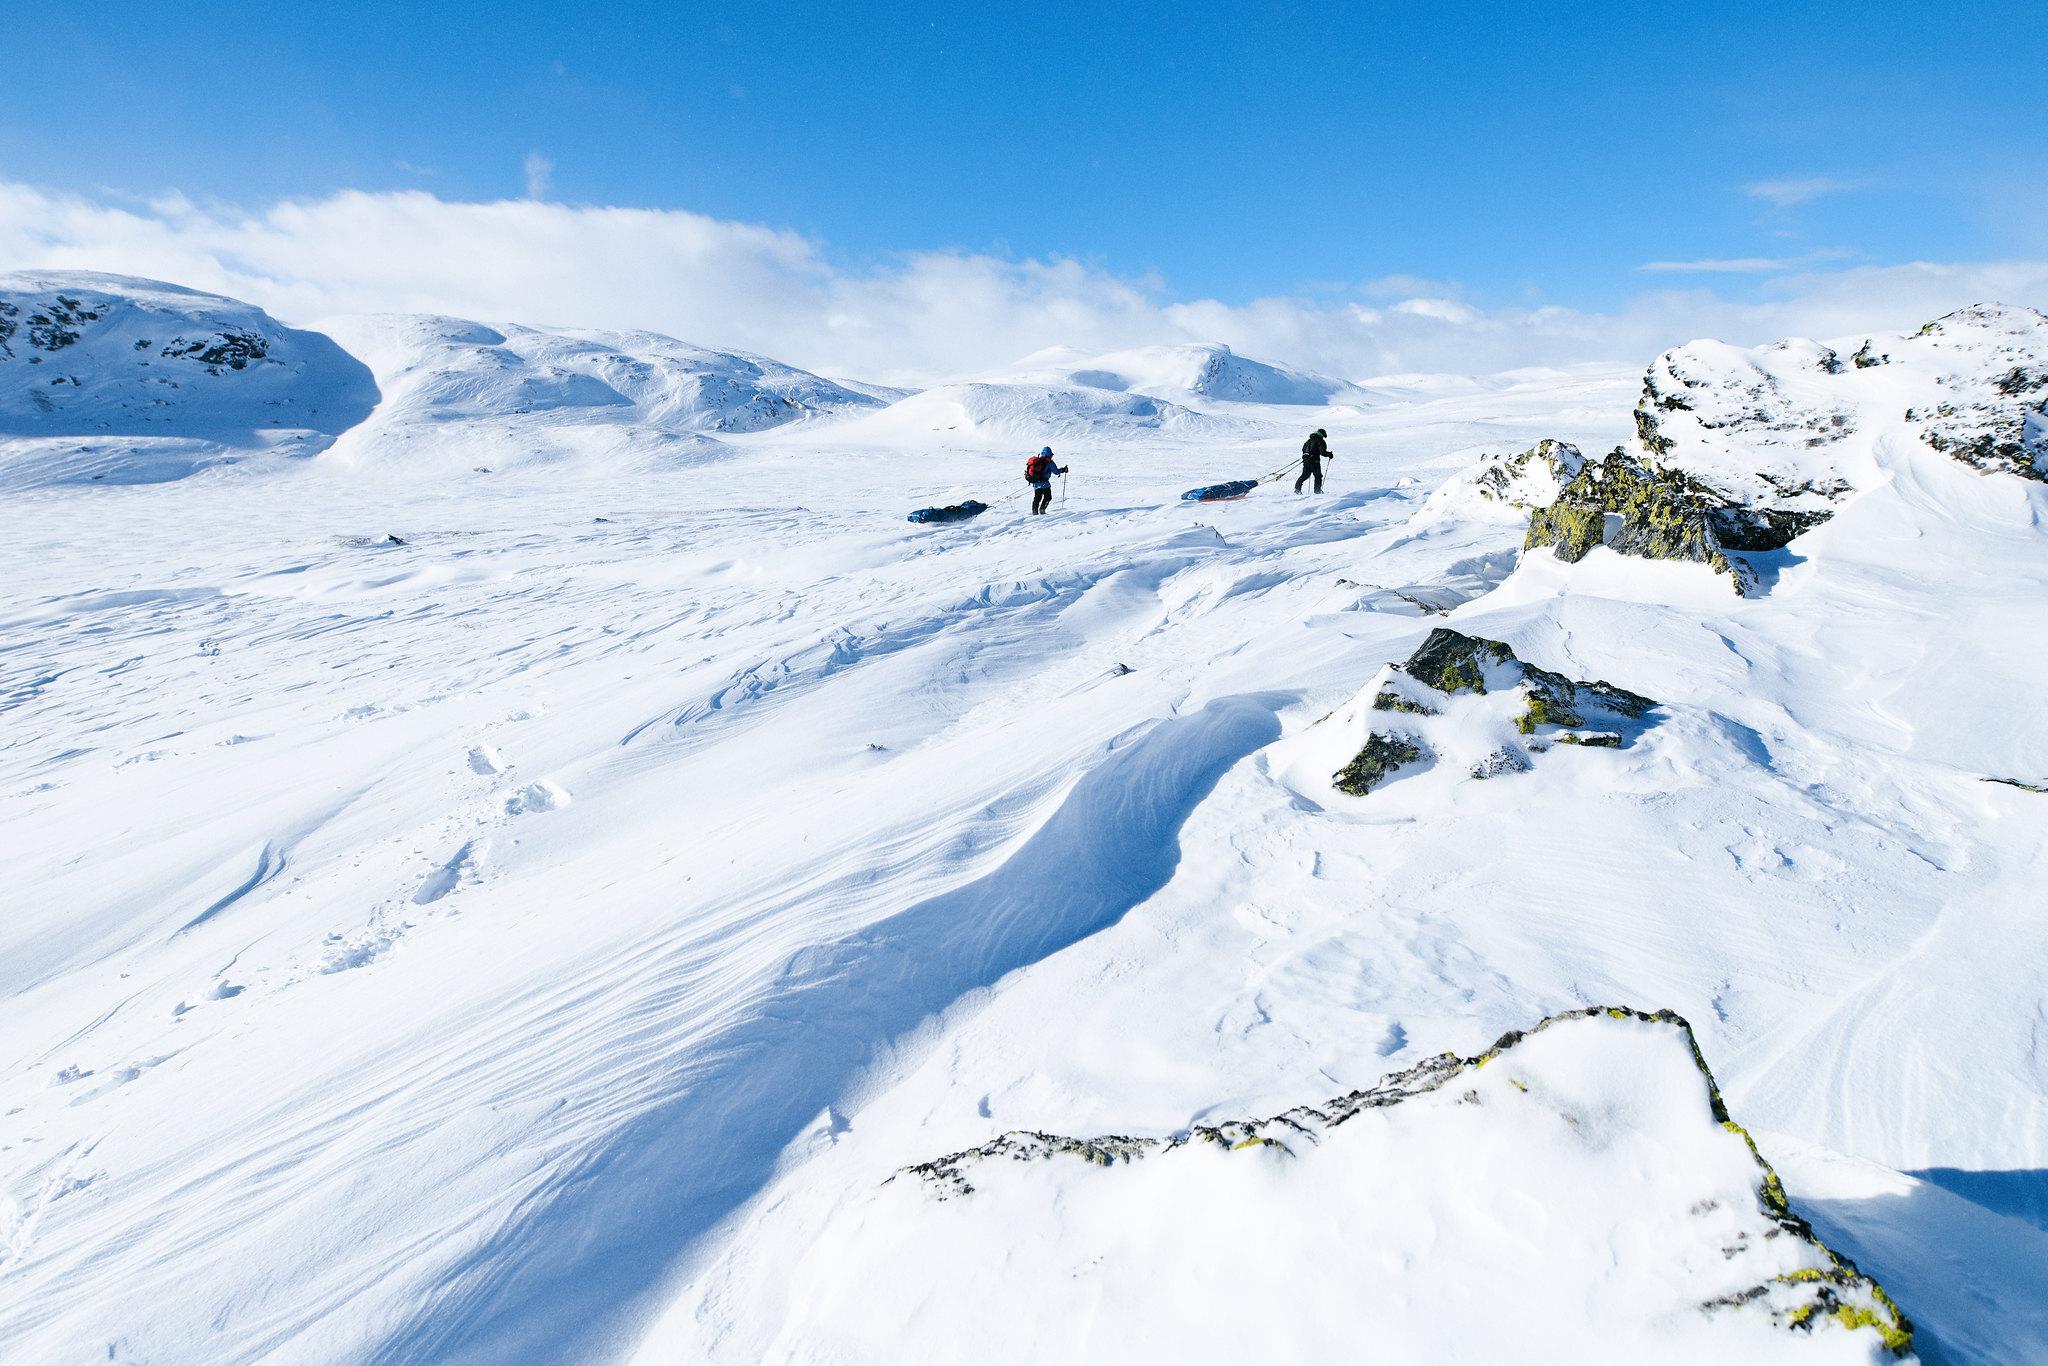 Vill_natur_Foto_Xavier Koenig_Xtremeidfjord.jpg